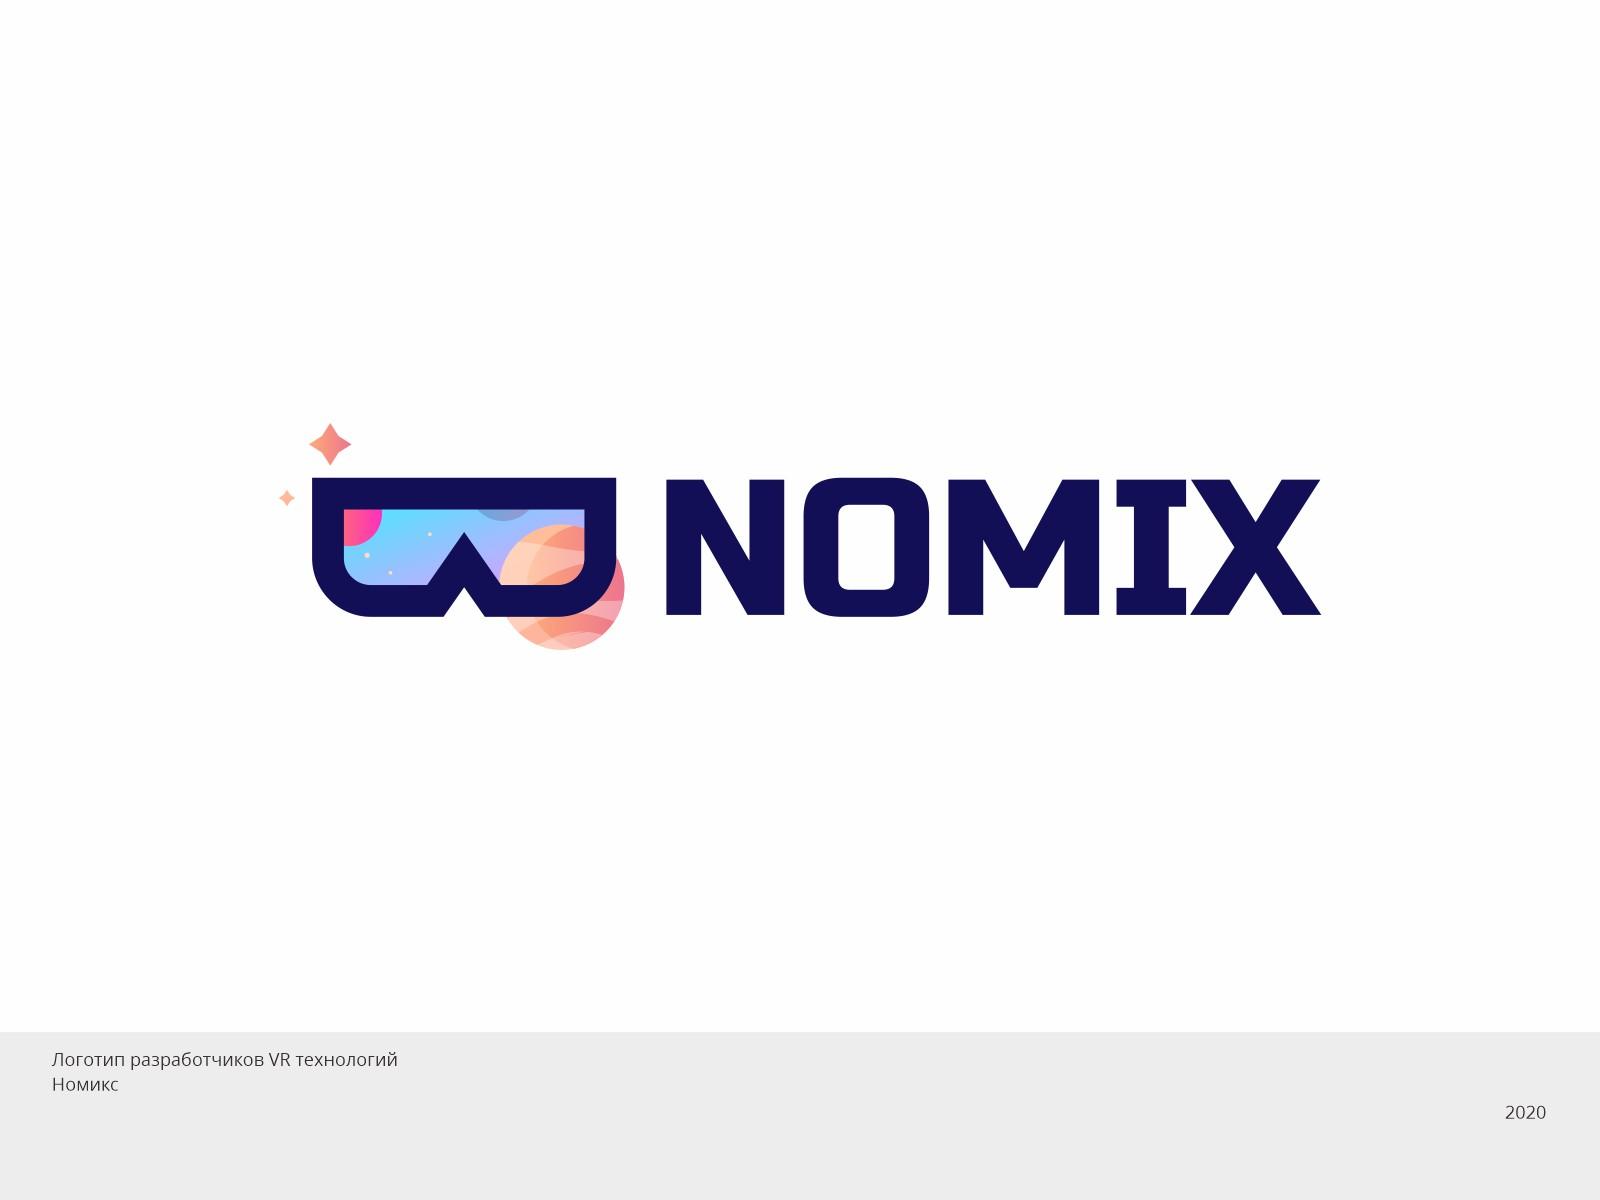 Логотип Nomix